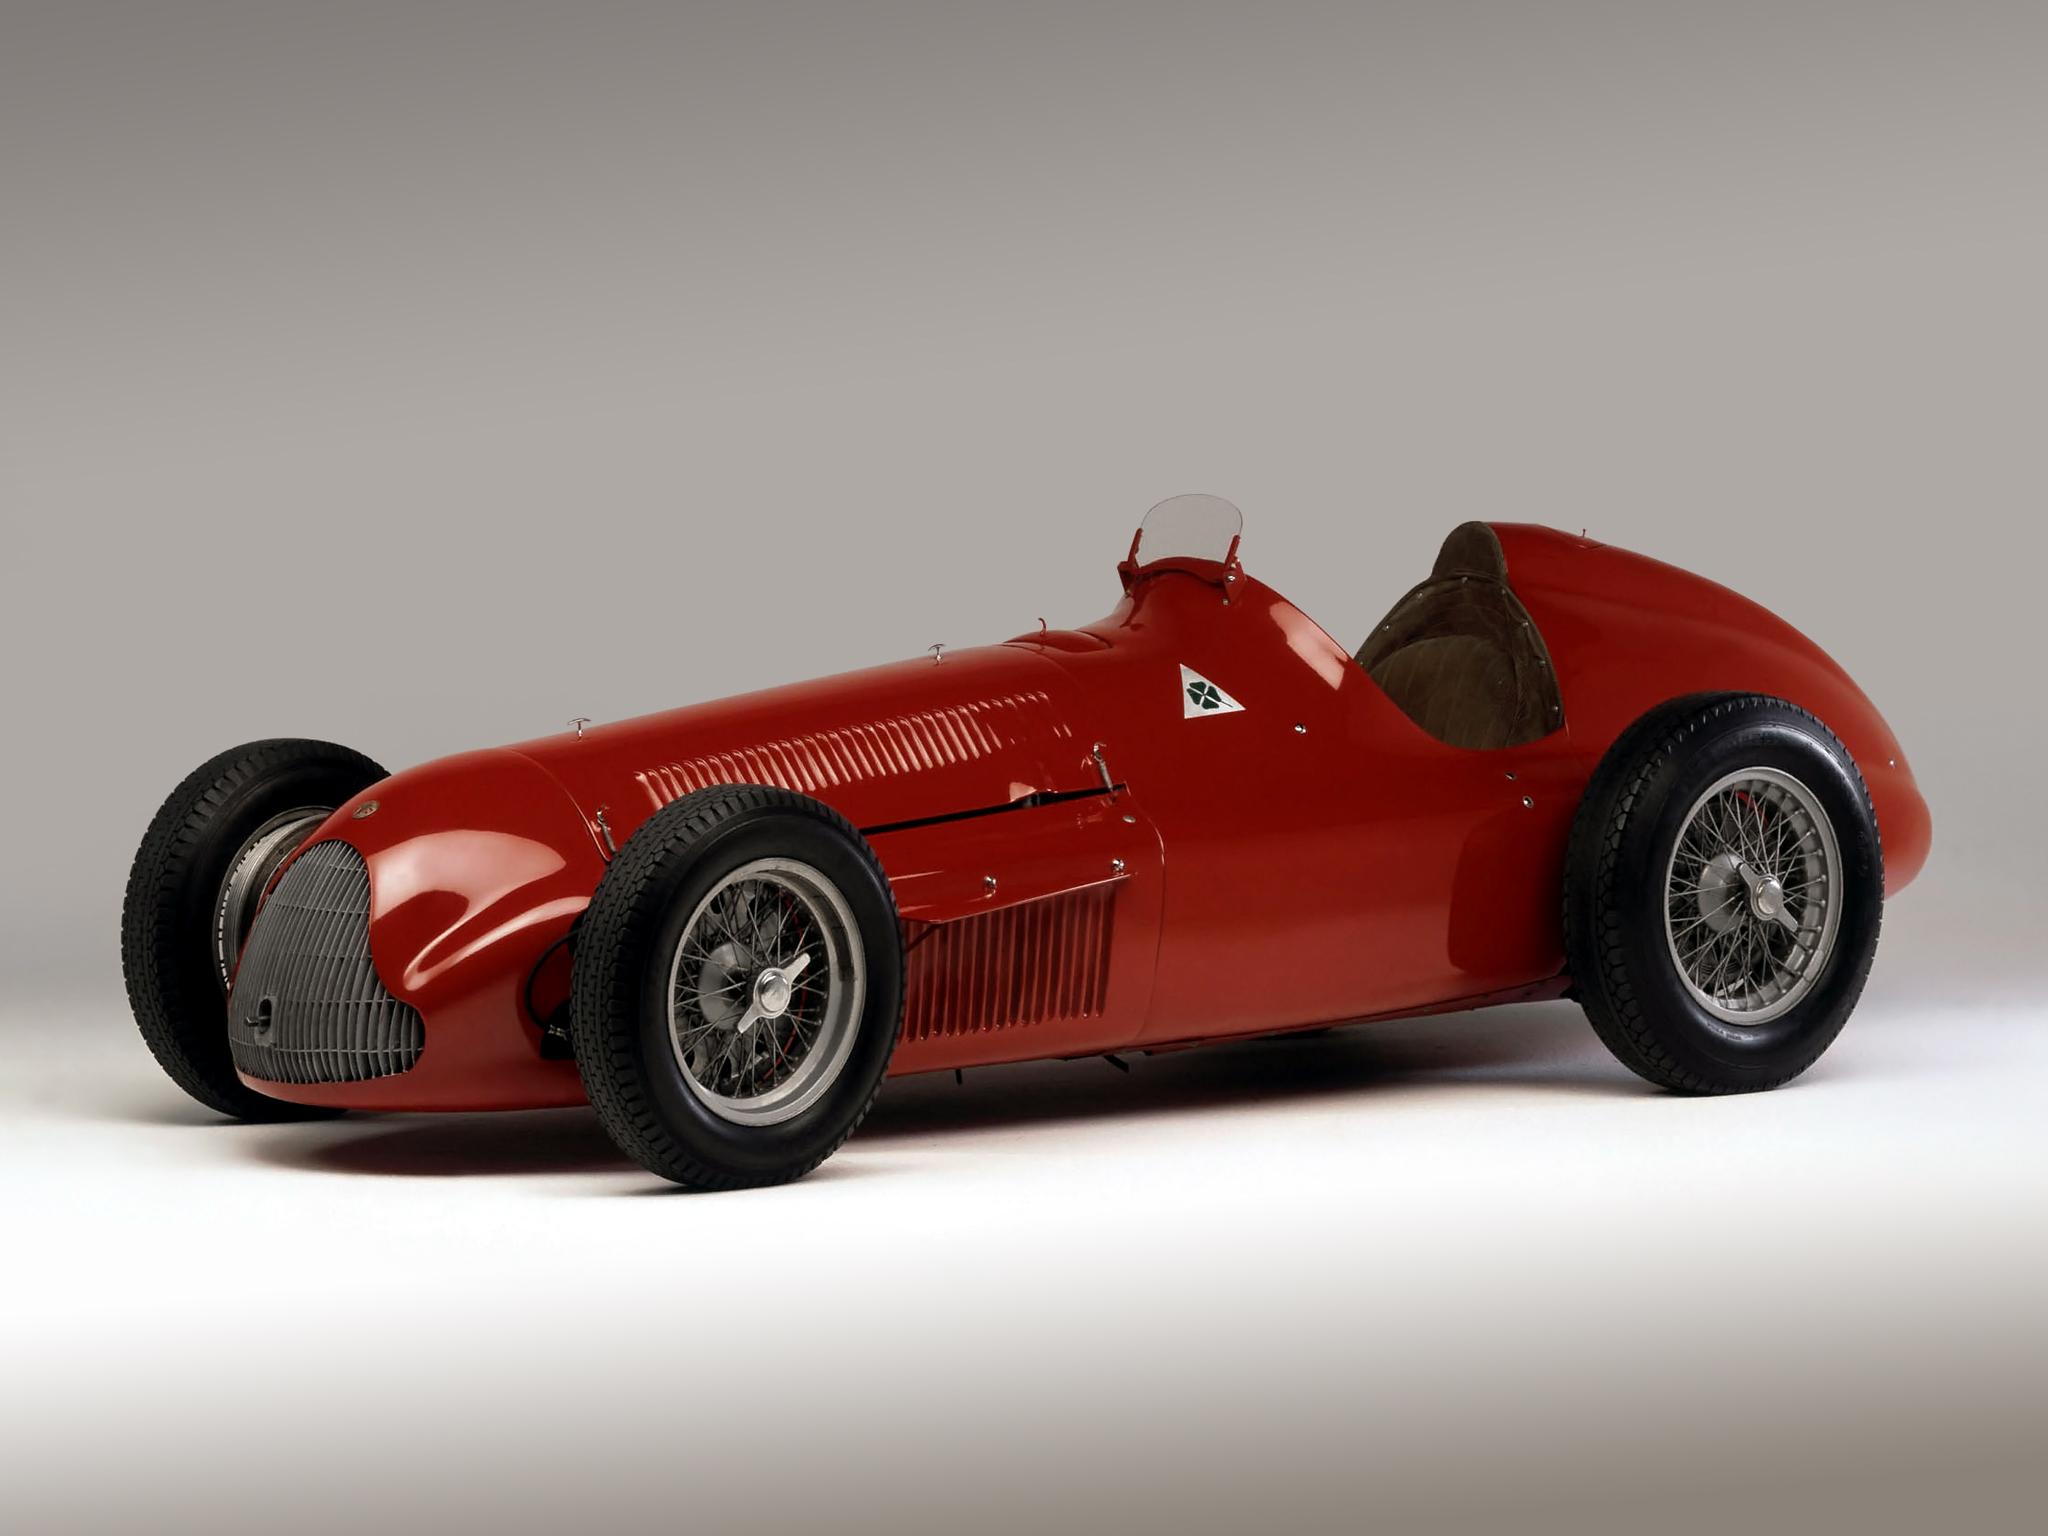 Alfa romeo spider classic cars 14